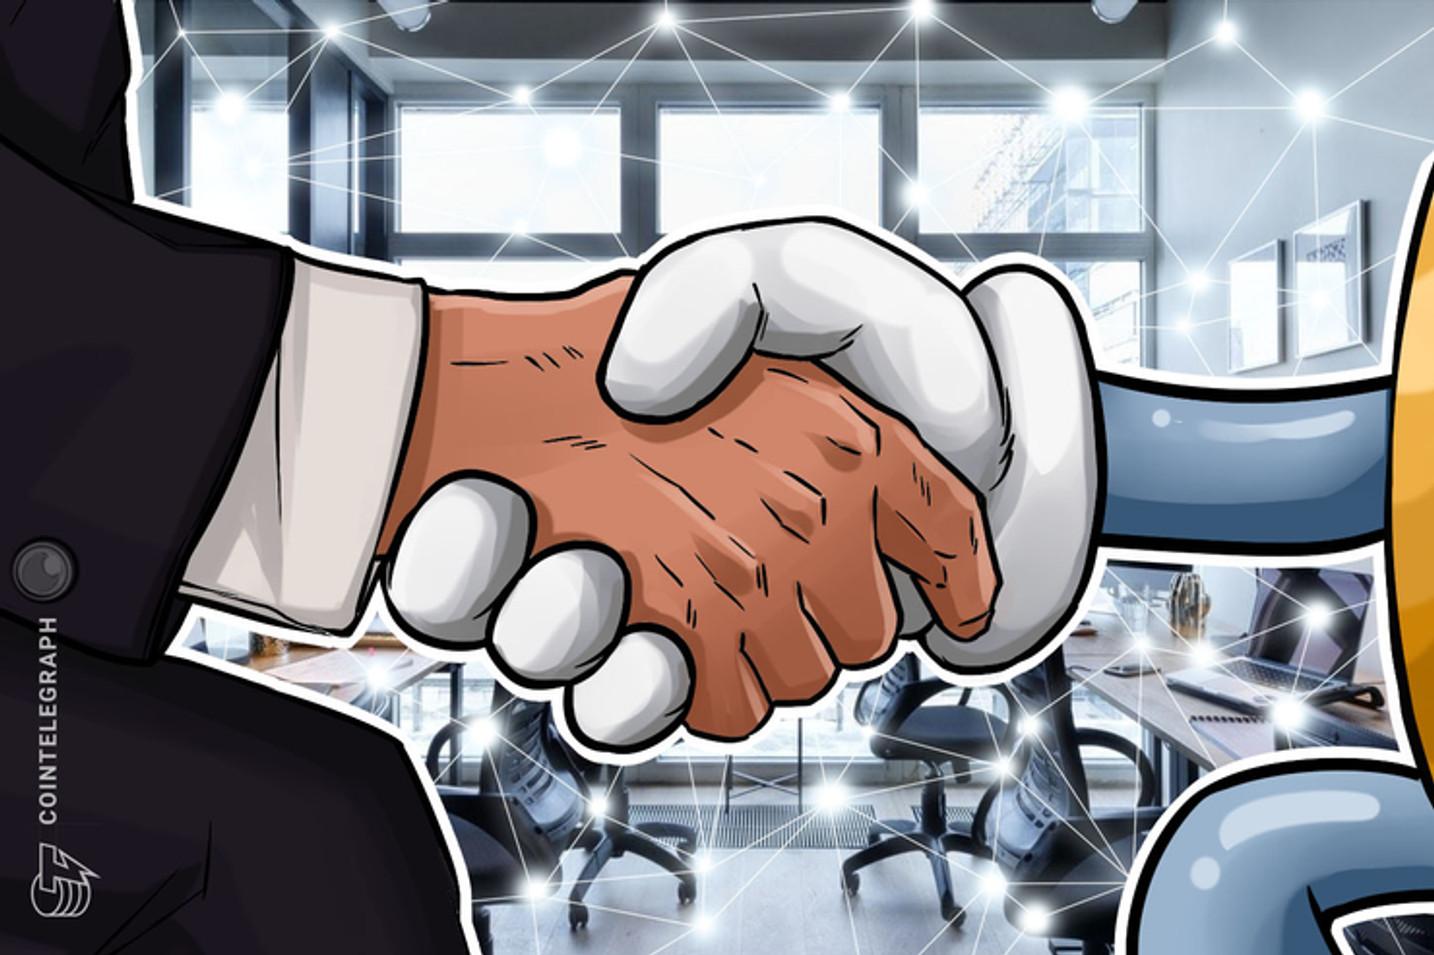 Fundament Group kooperiert für digitale Assets mit Tezos und DACS